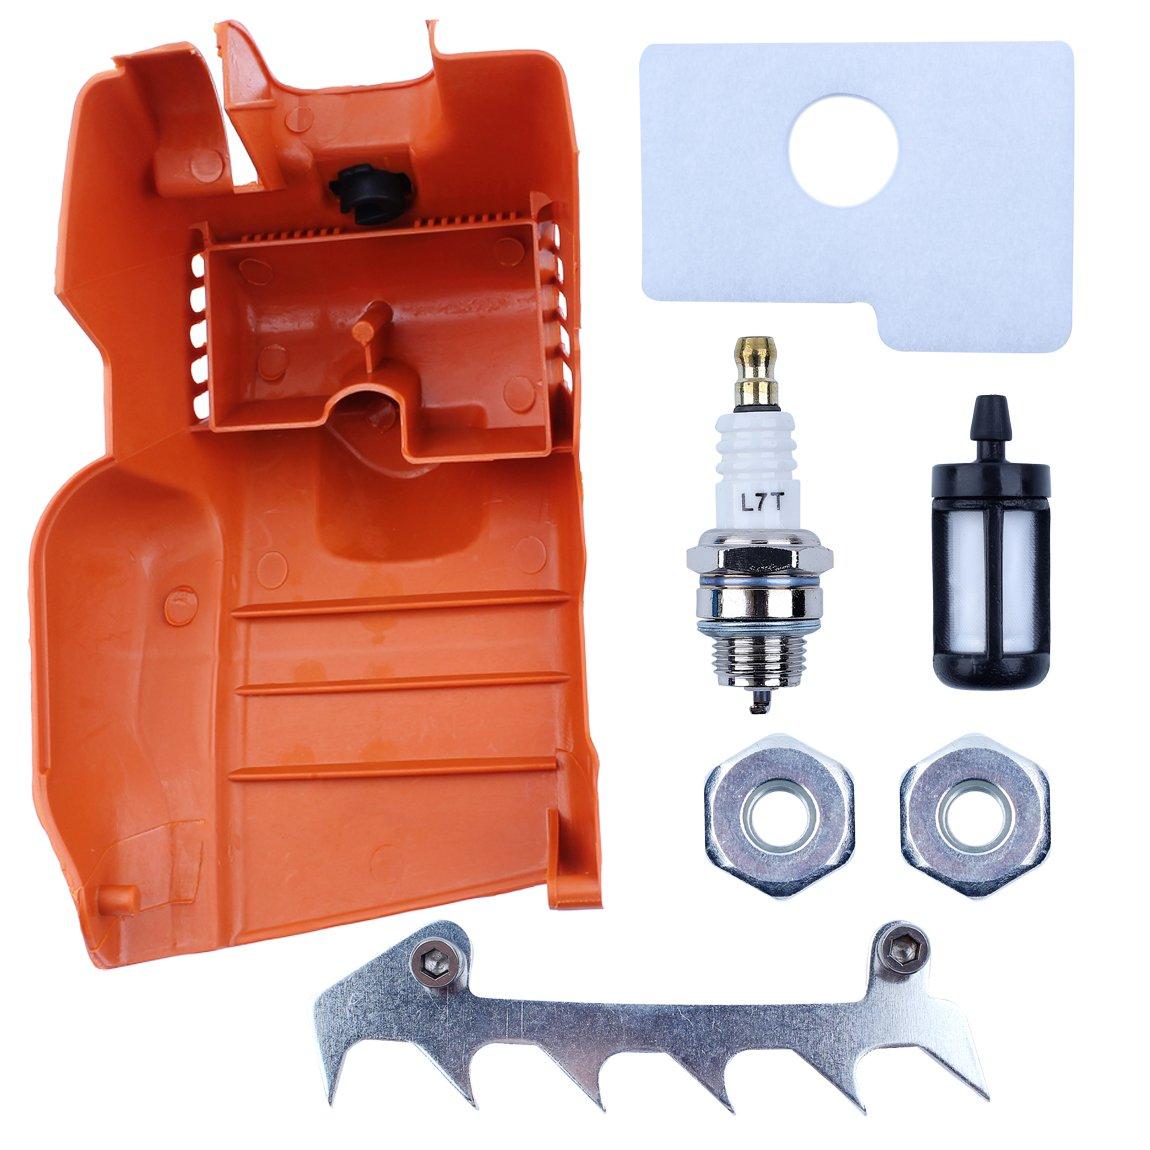 Haishine Cubierta Superior del Filtro de Aire del Cilindro de la Cubierta del Motor de para STIHL 018 MS180 MS 170 180 recambios de la Motosierra del reemplazo